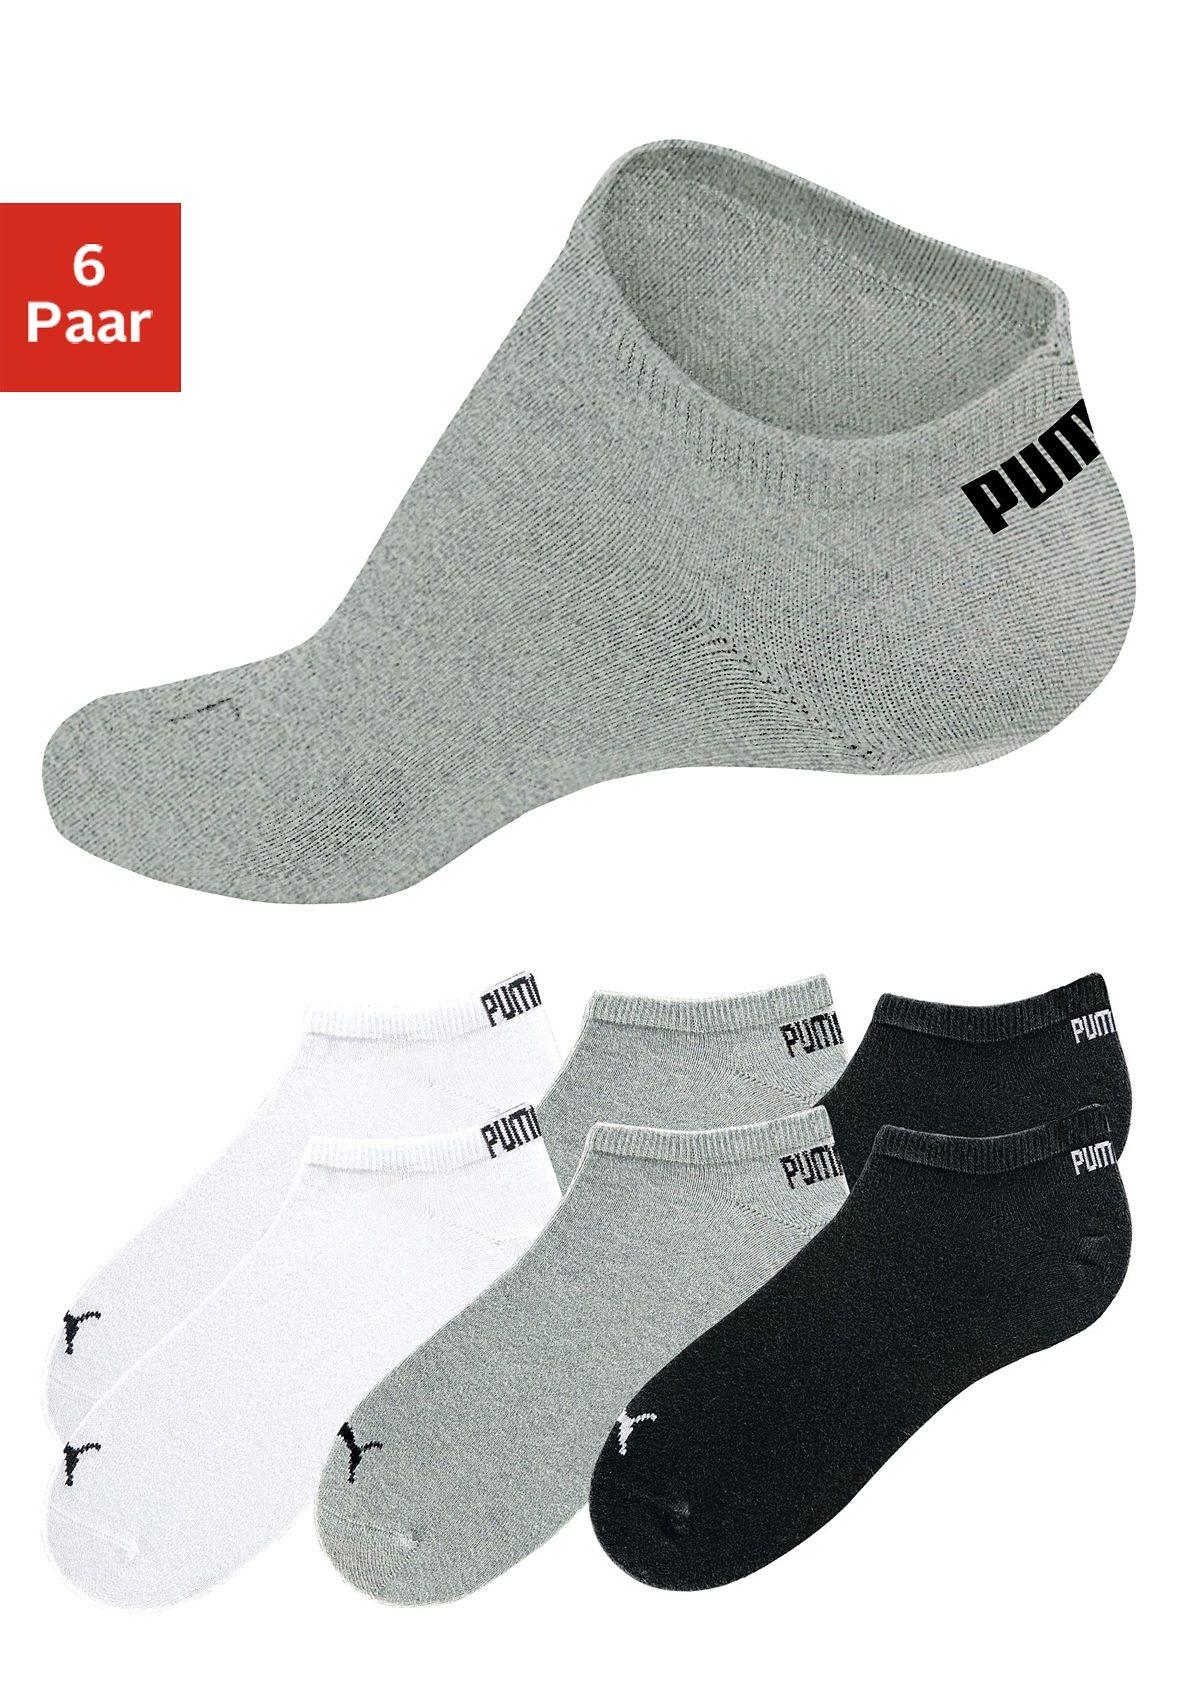 PUMA Sneakersocken (6 Paar)